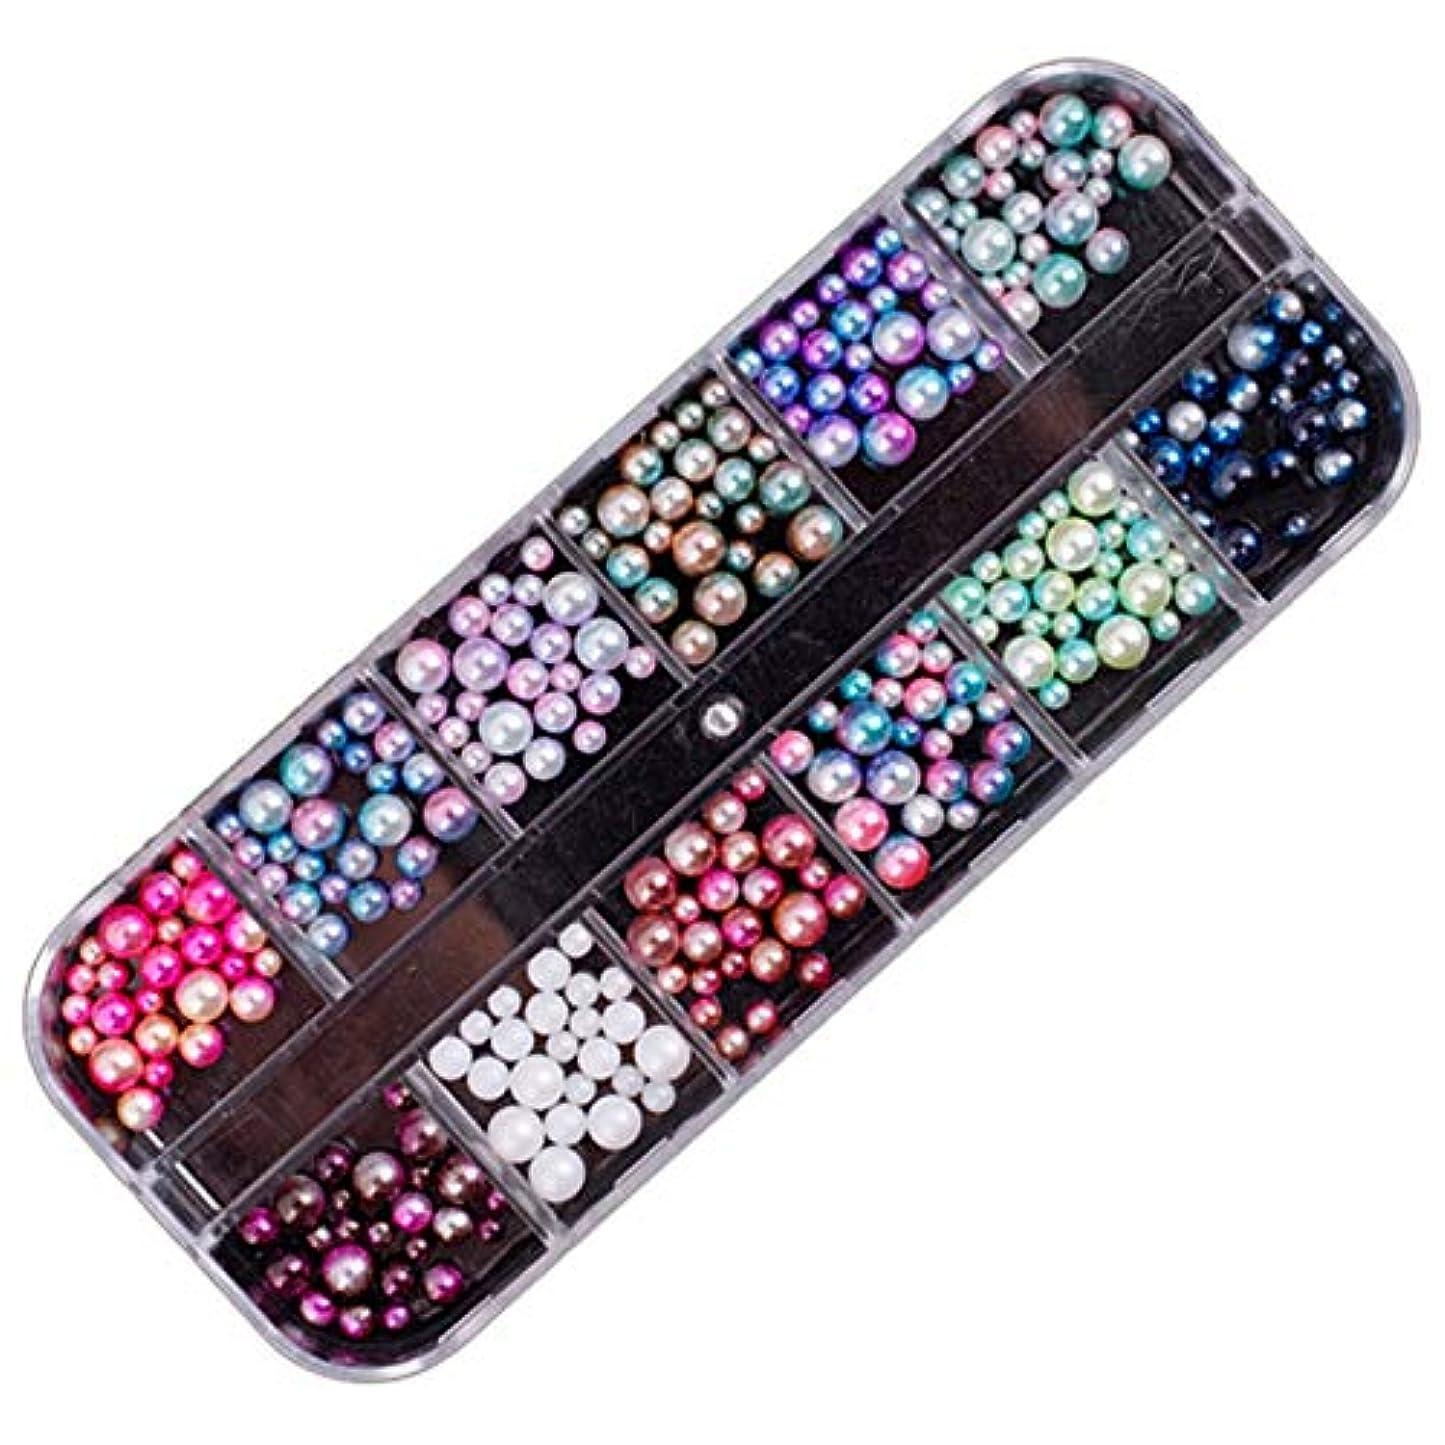 に頼るわずかに気を散らすTOOGOO 3D形作り 新しいネイル クリアなネイル 真珠 diy ネイルアート 装飾的なリベット ラインストーン マニキュア-ツール 1# 混合魔法真珠